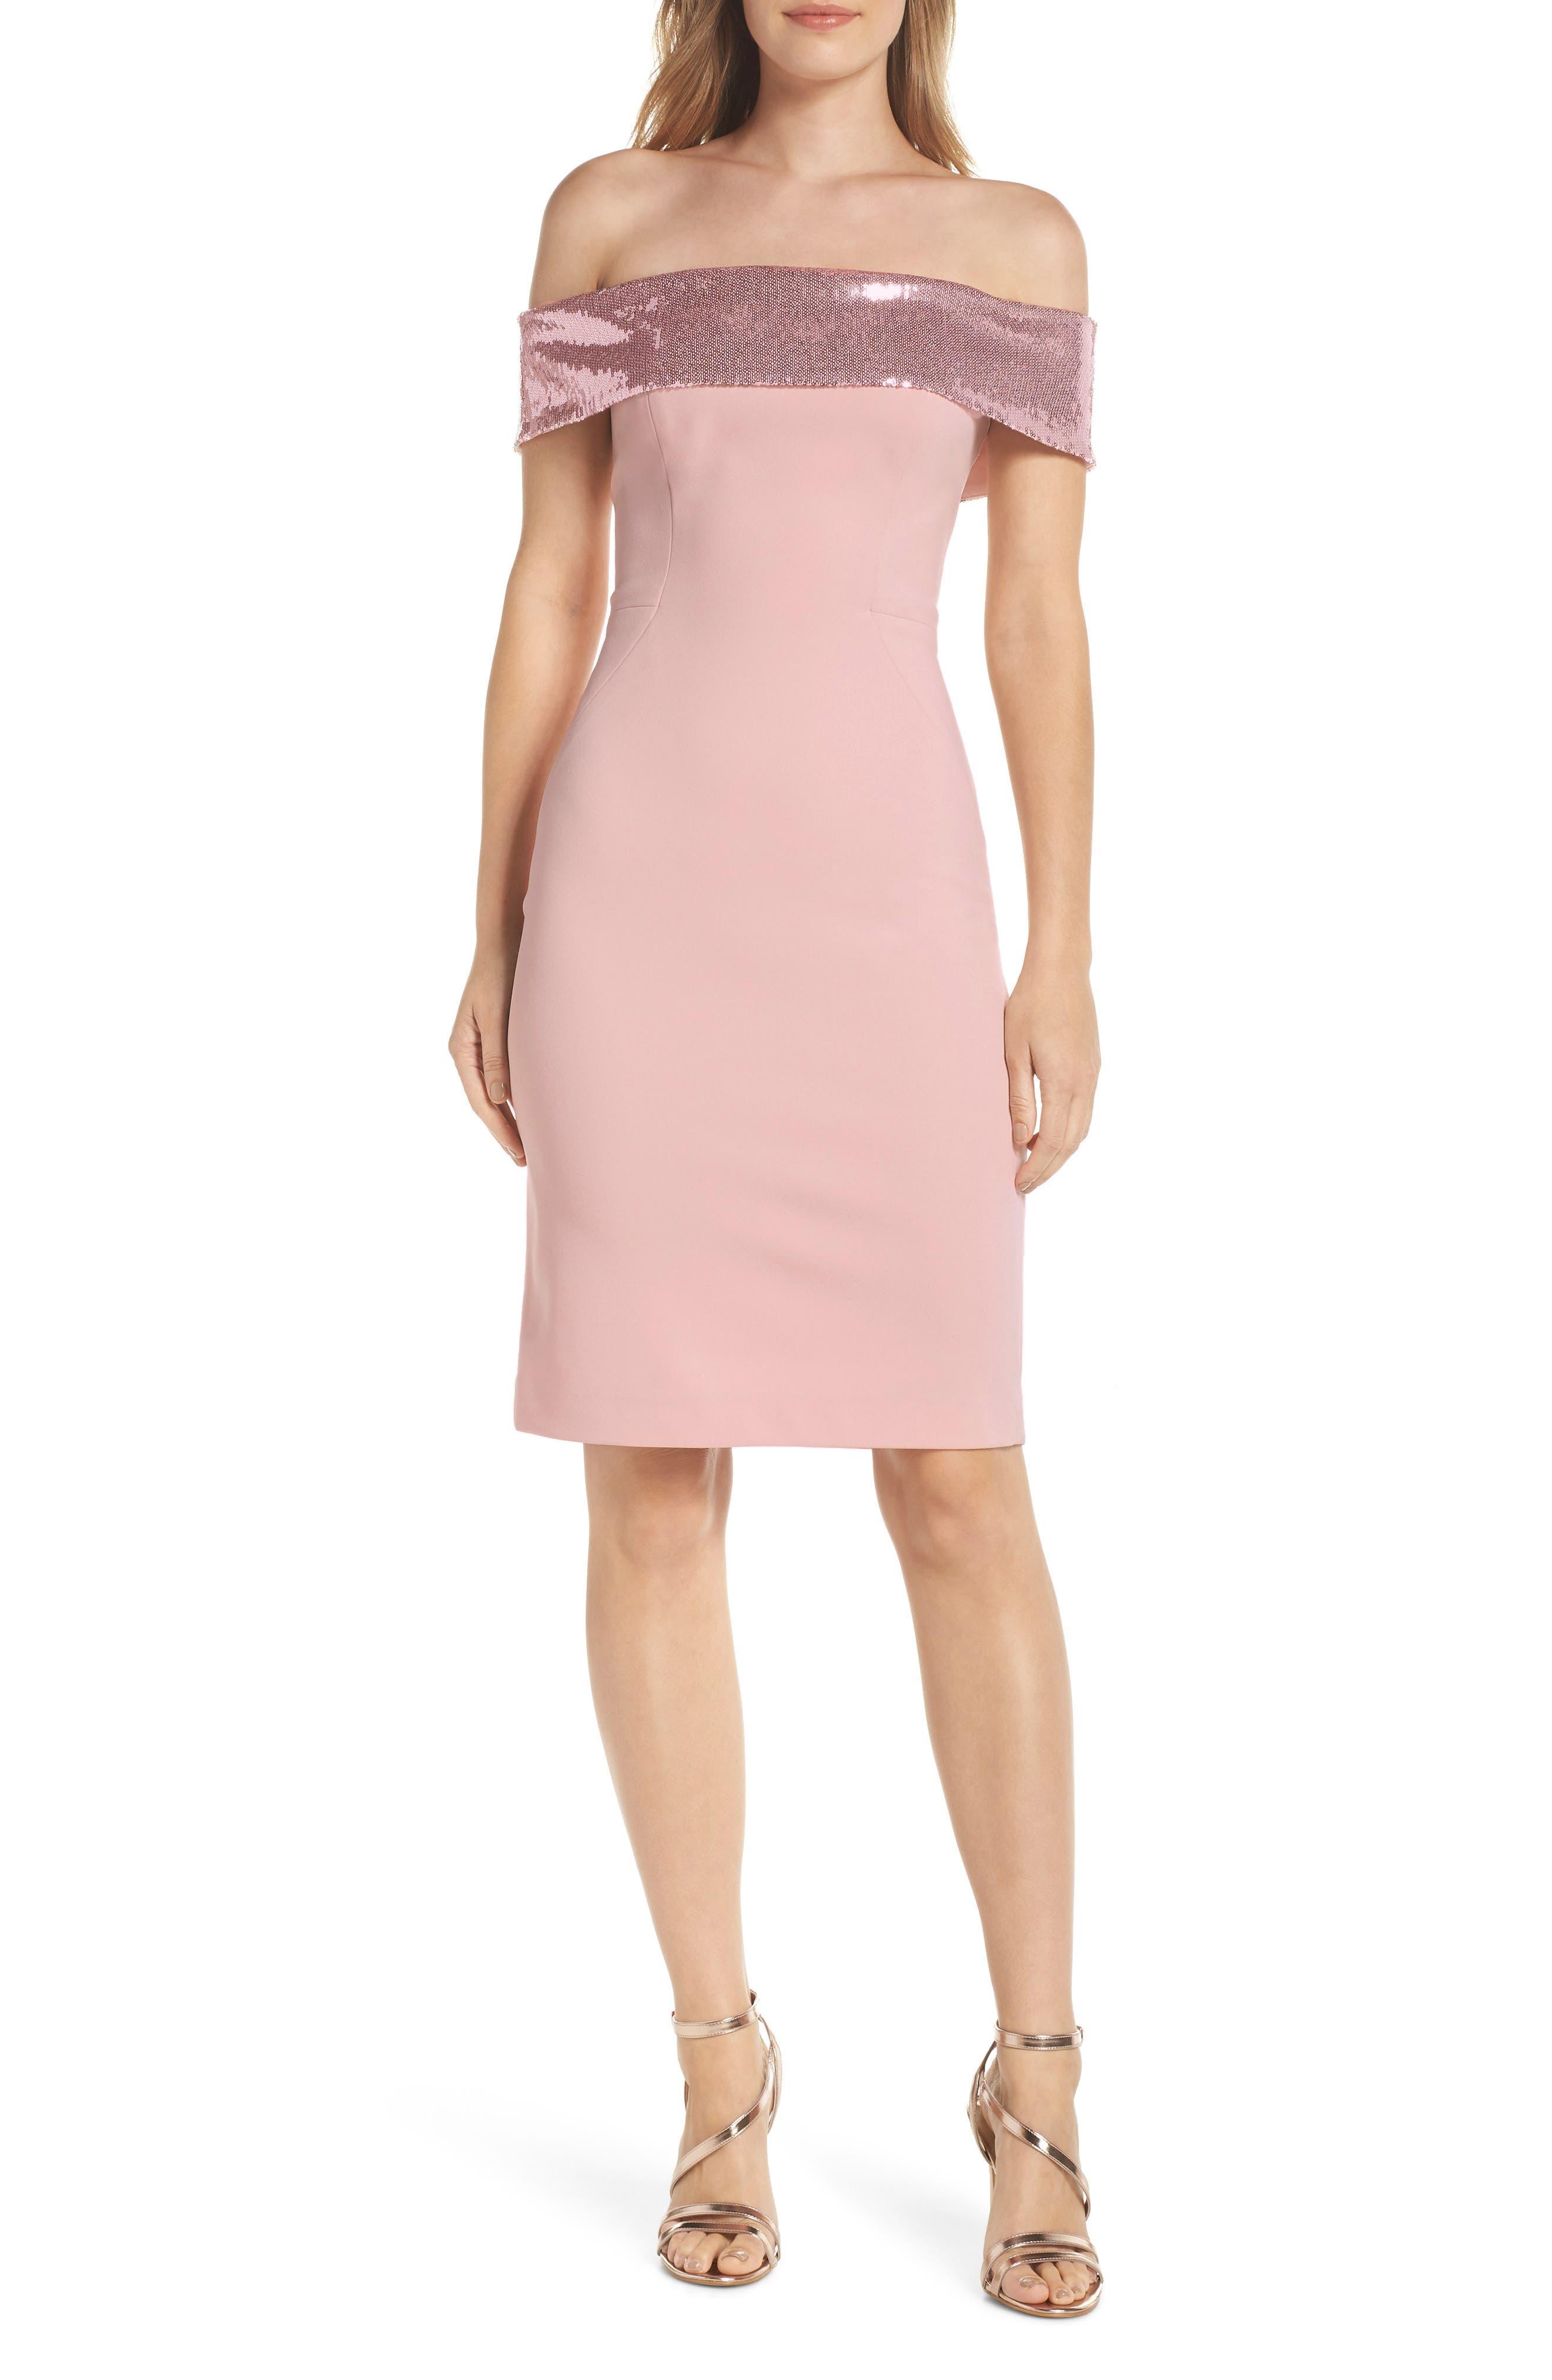 Eliza J Off The Shoulder Sequin Foldover Dress, Pink